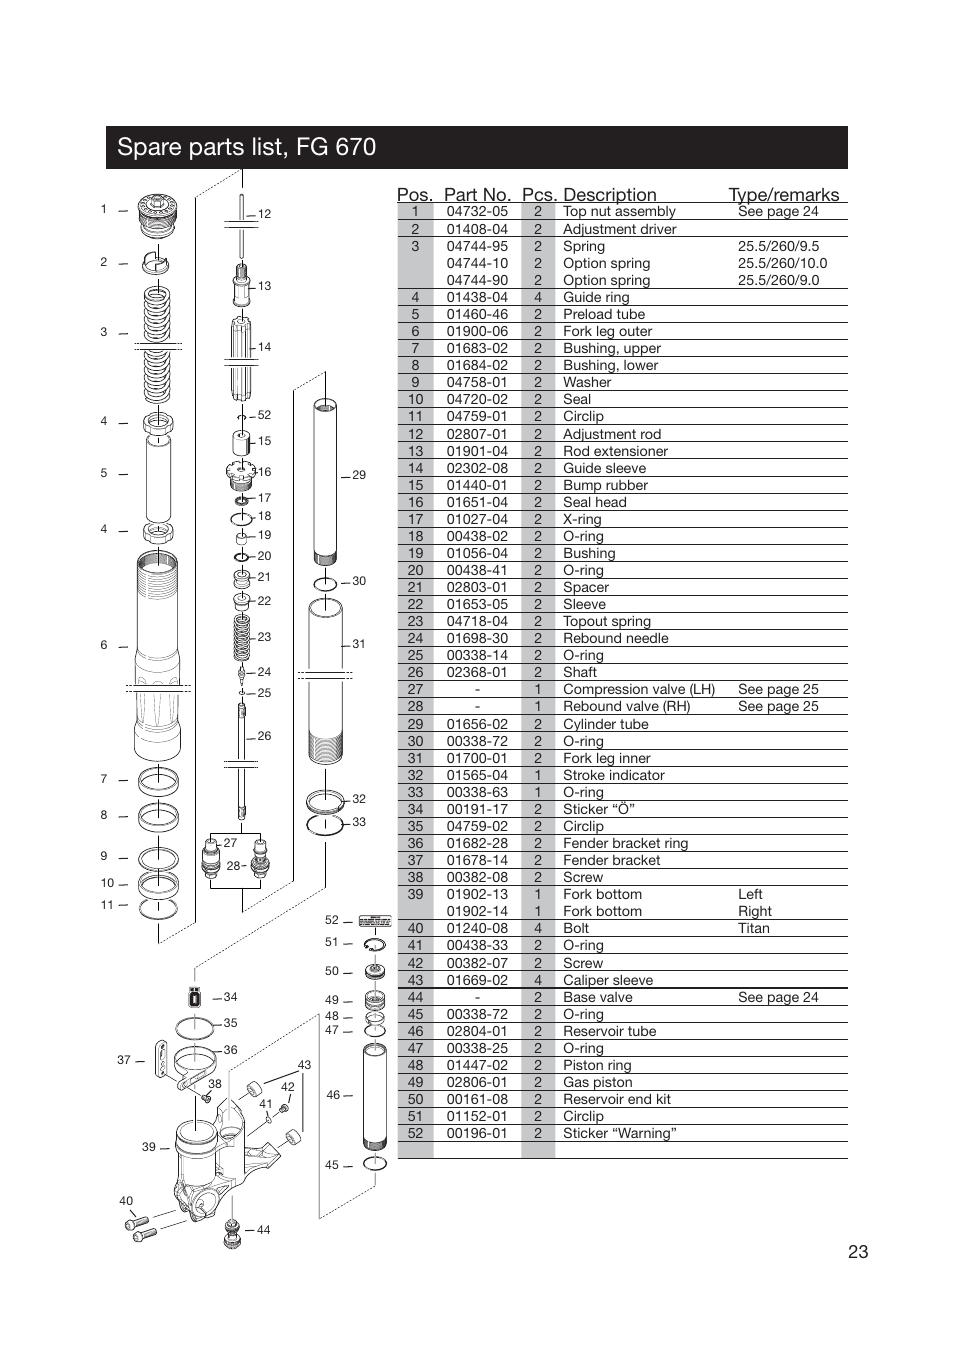 Spare parts list, fg 670, Pos. part no. pcs. description